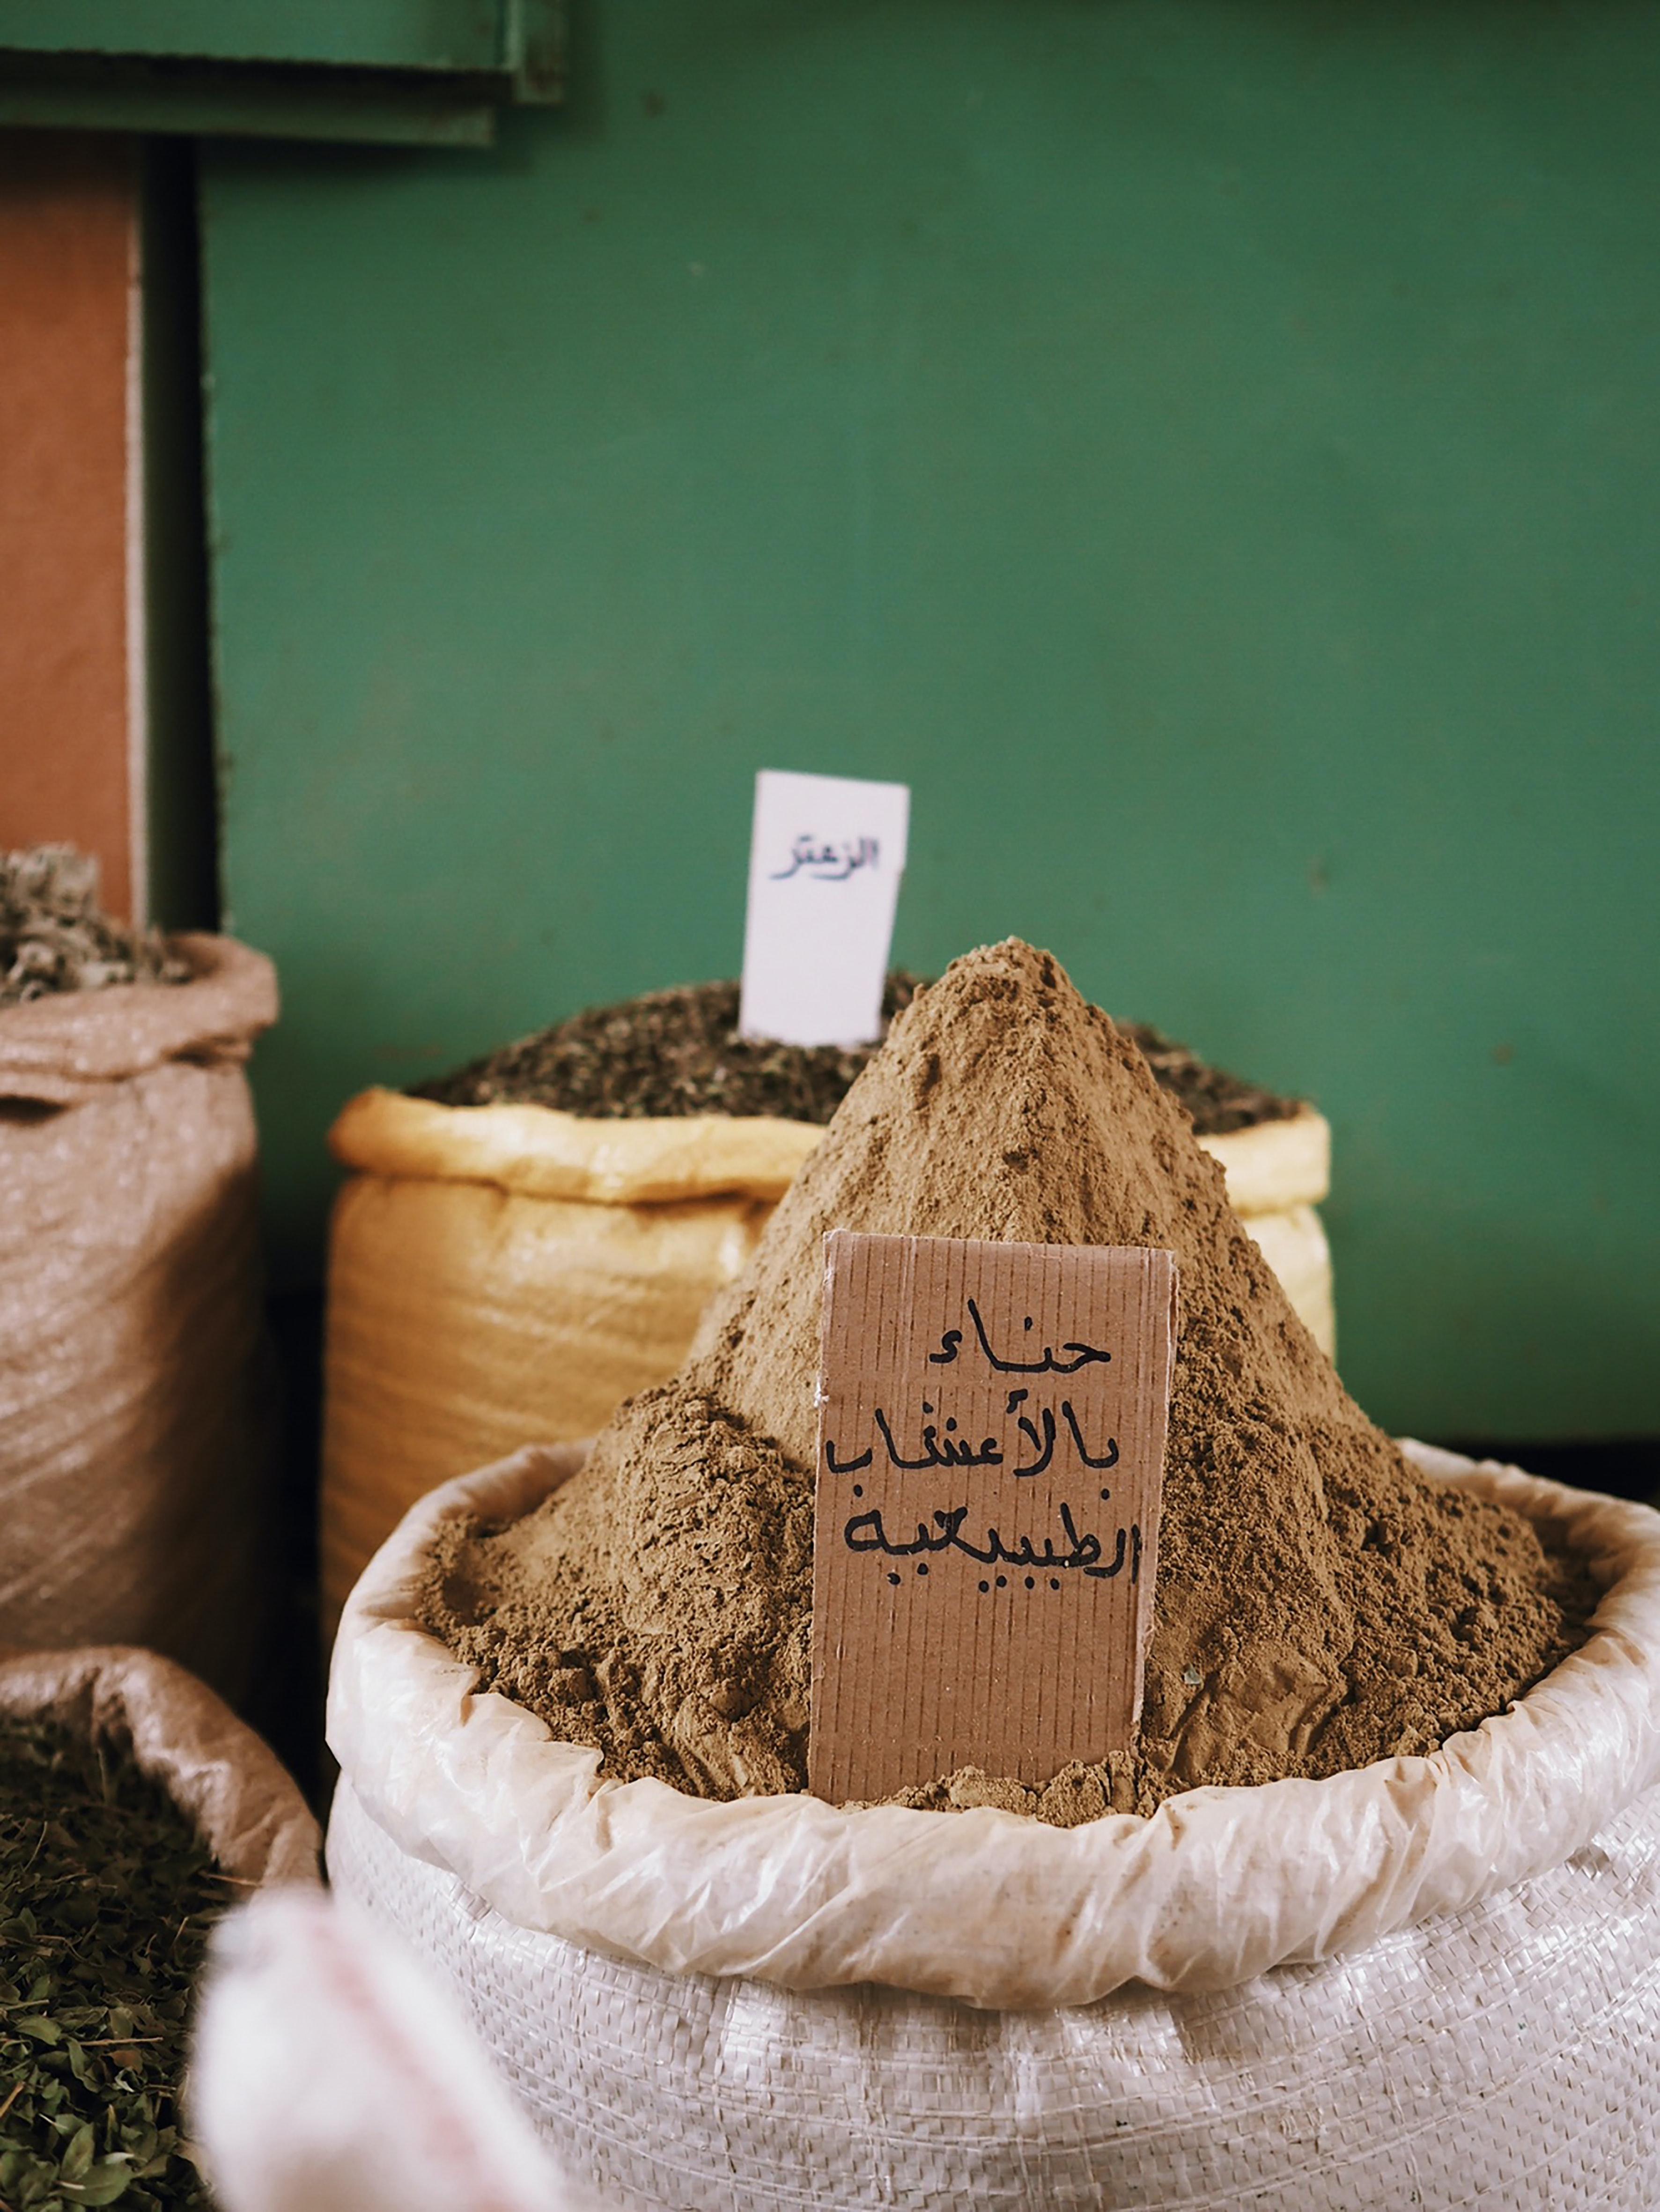 sack of brown powder